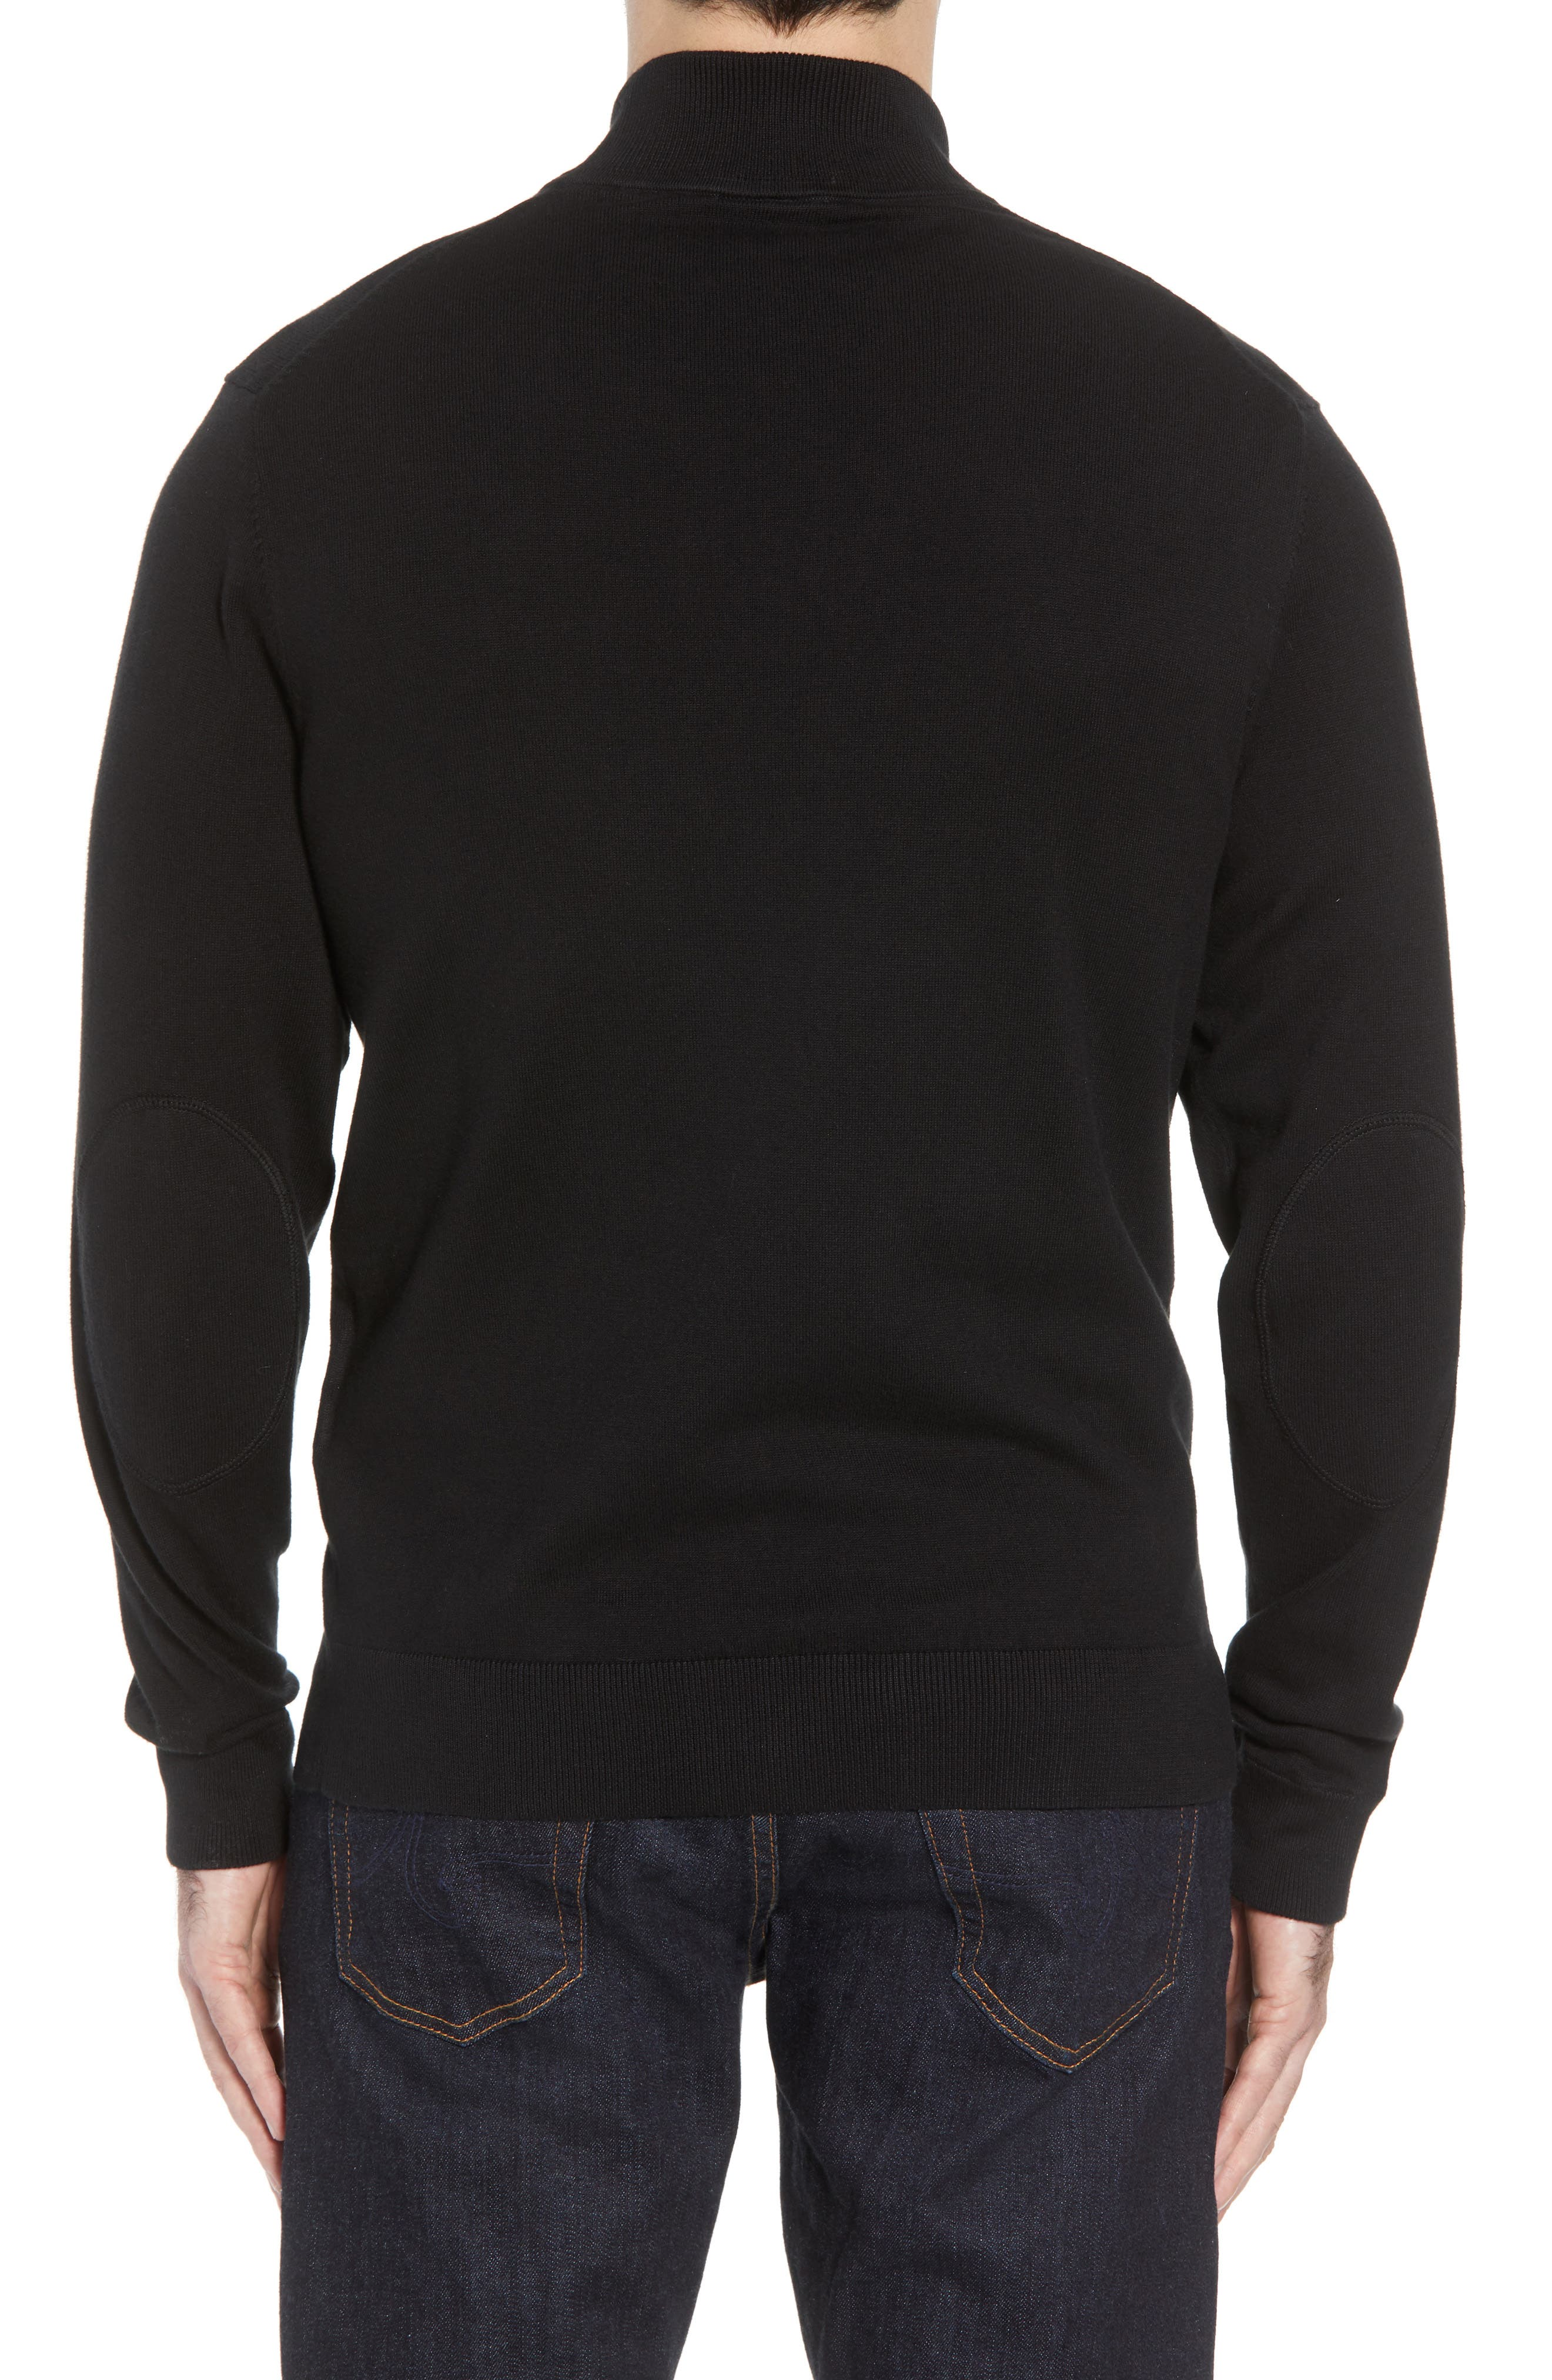 Philadelphia Eagles - Lakemont Regular Fit Quarter Zip Sweater,                             Alternate thumbnail 2, color,                             BLACK